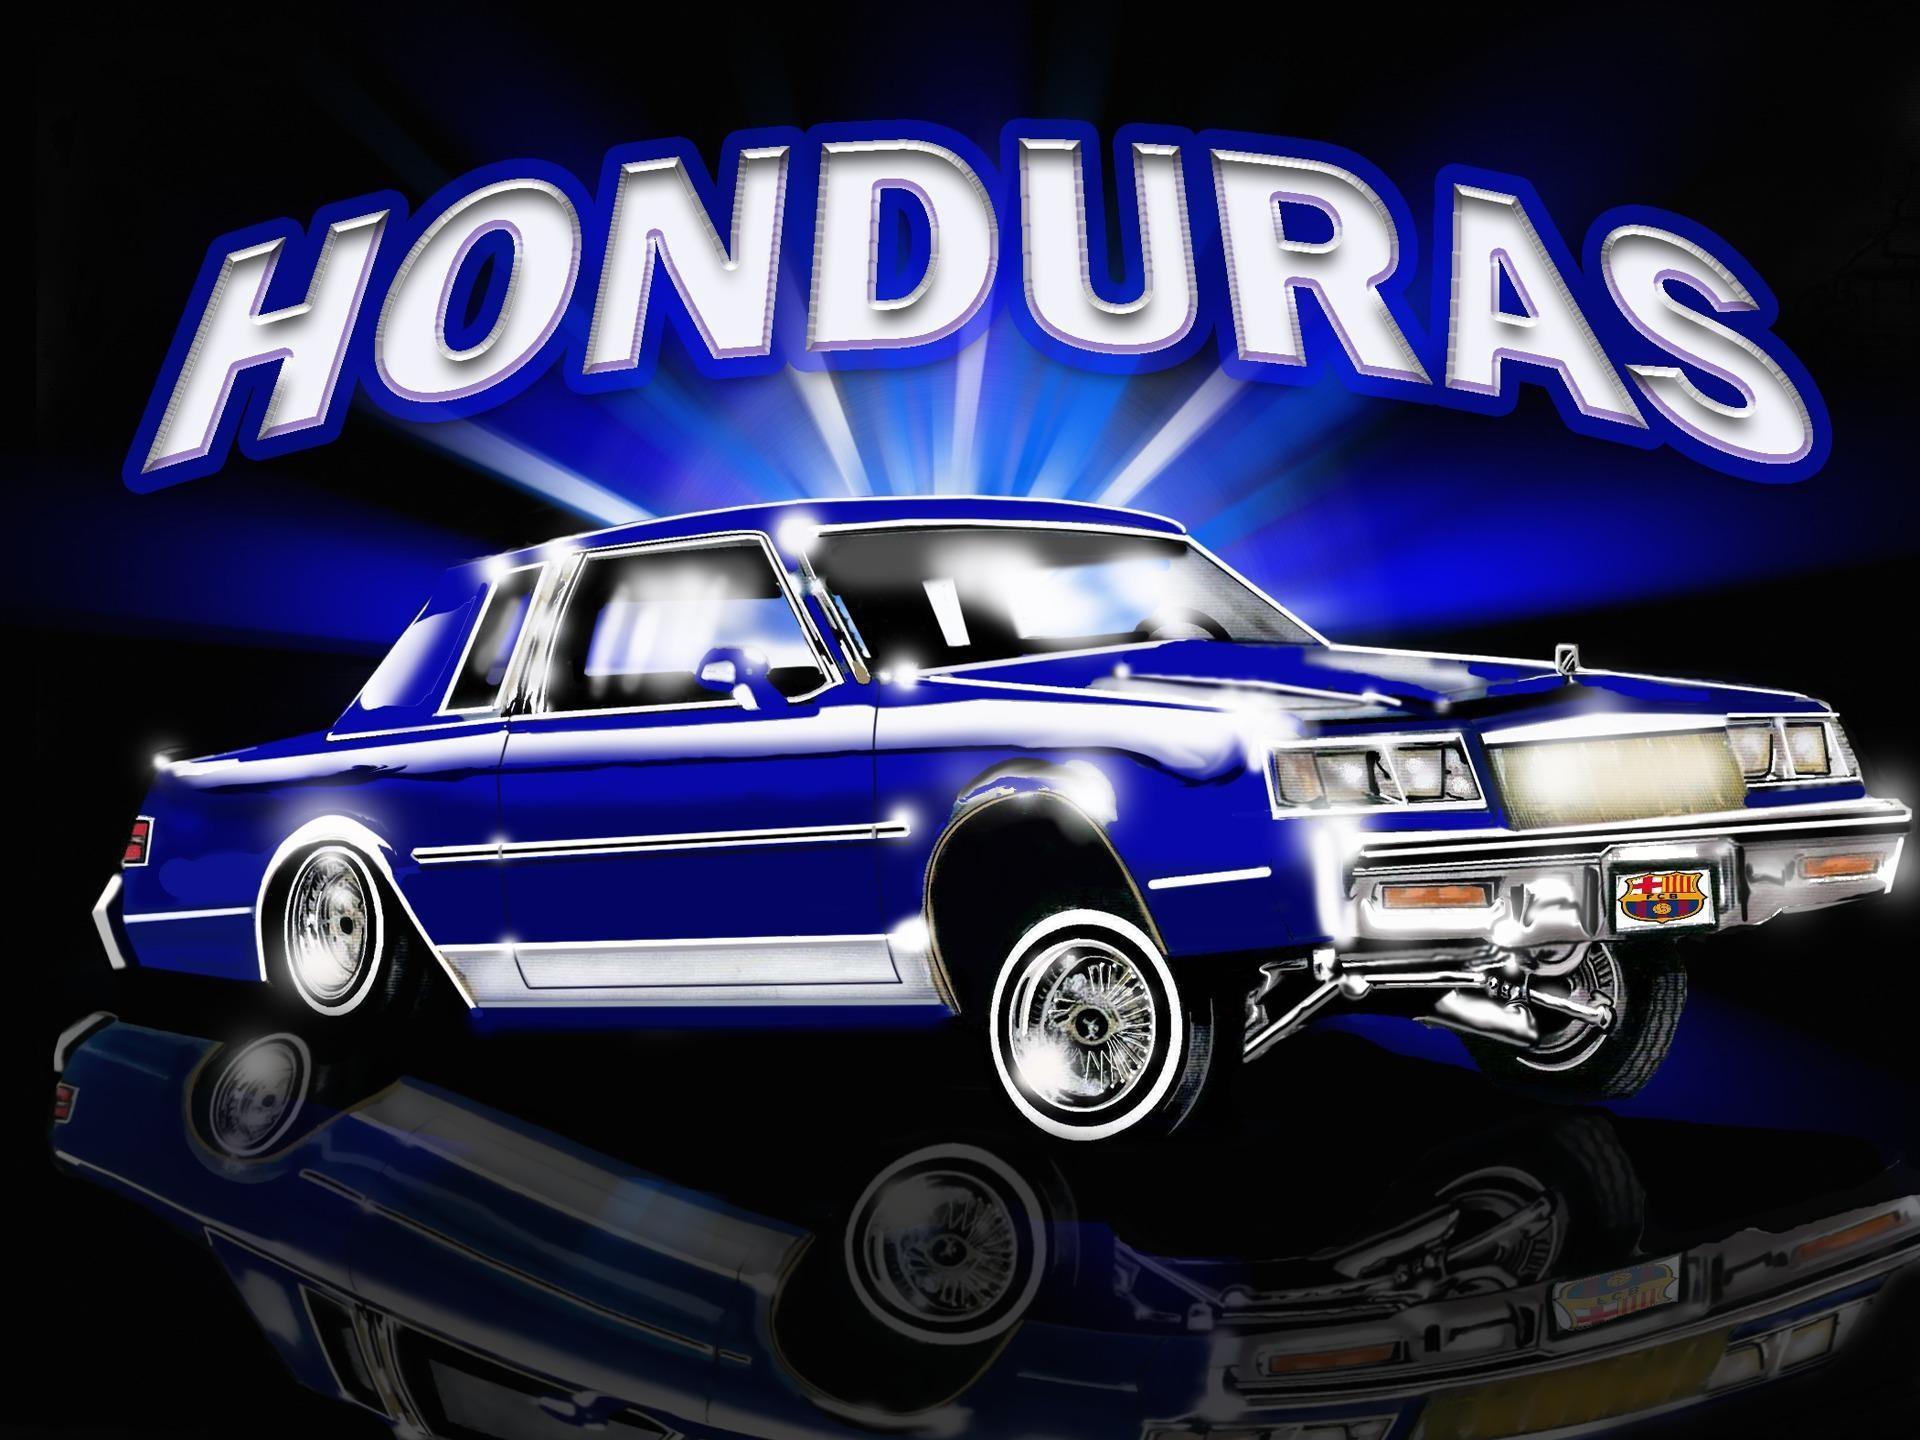 Res: 1920x1440, Honduras HD desktop wallpaper : Widescreen : High Definition : Fullscreen